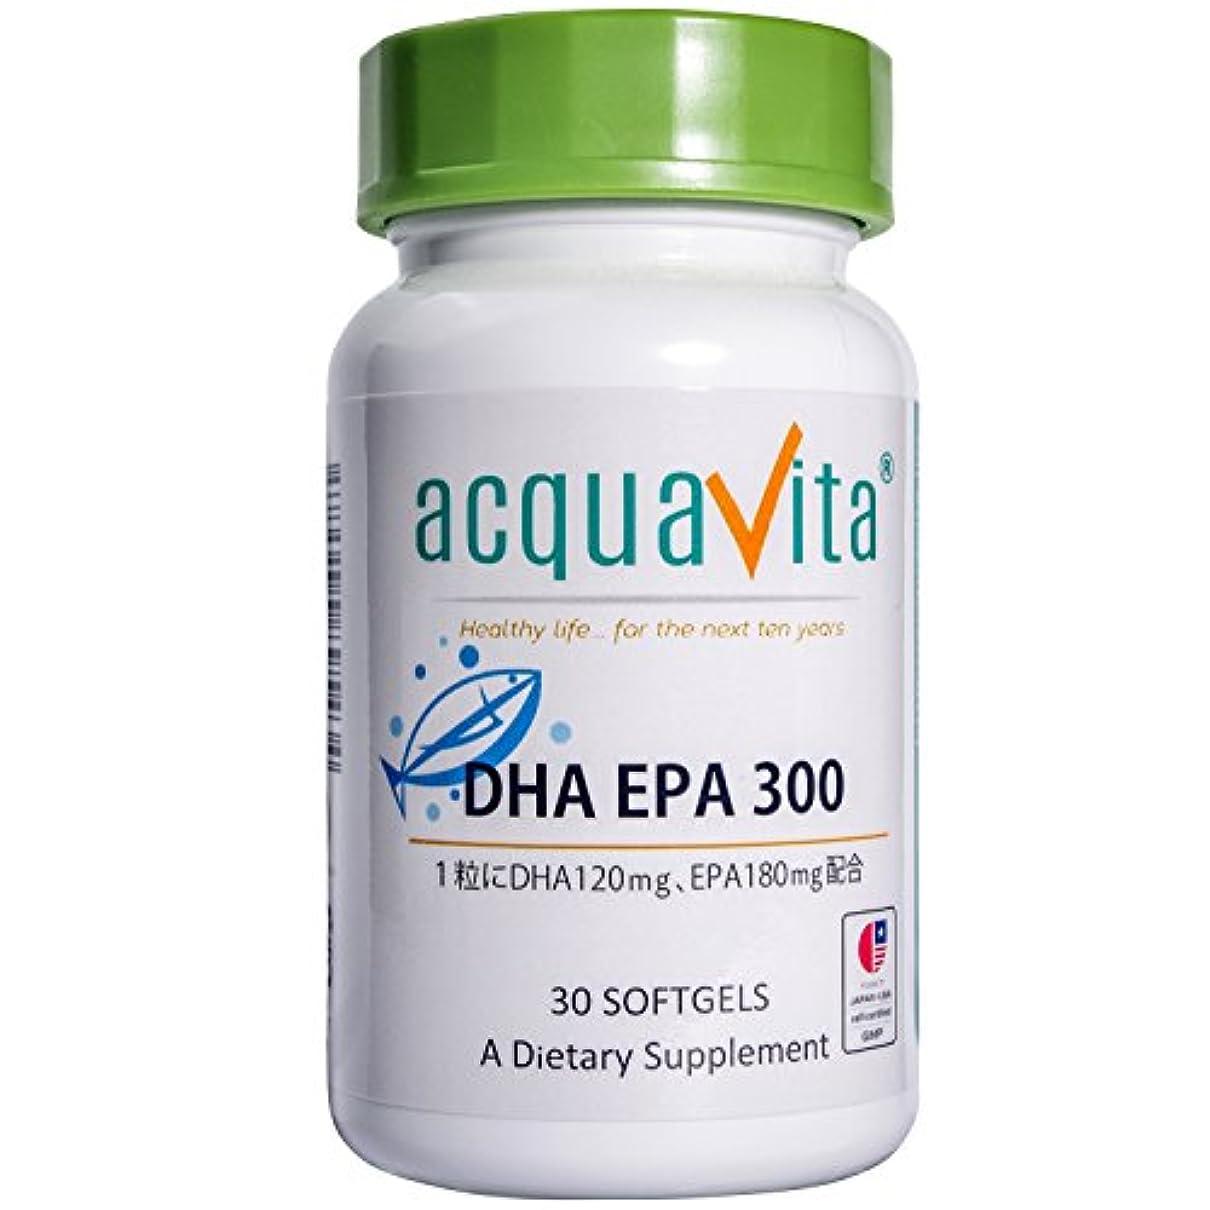 静けさ圧縮されたドットacquavita(アクアヴィータ)DHA EPA300 30粒